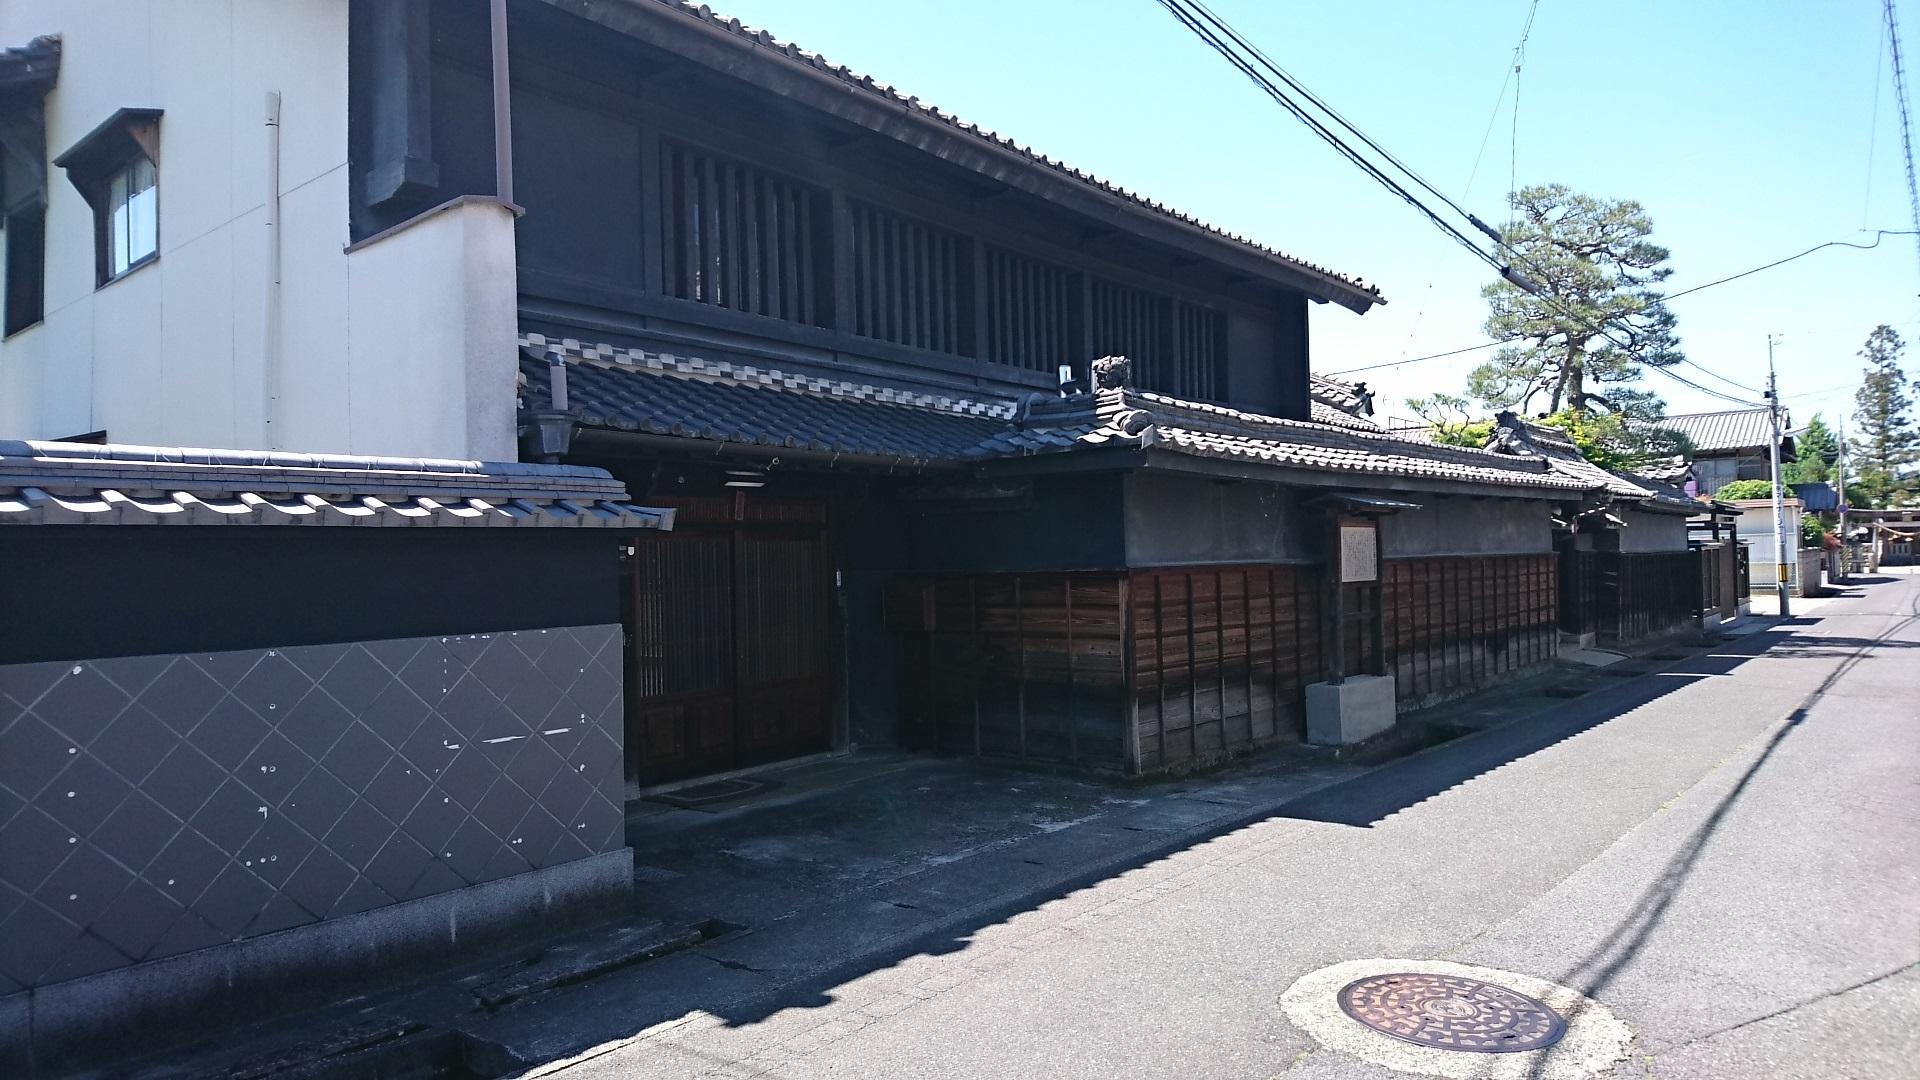 2017.5.19 大井 (55) 中山道 - 大井村庄屋古屋家 1920-1080